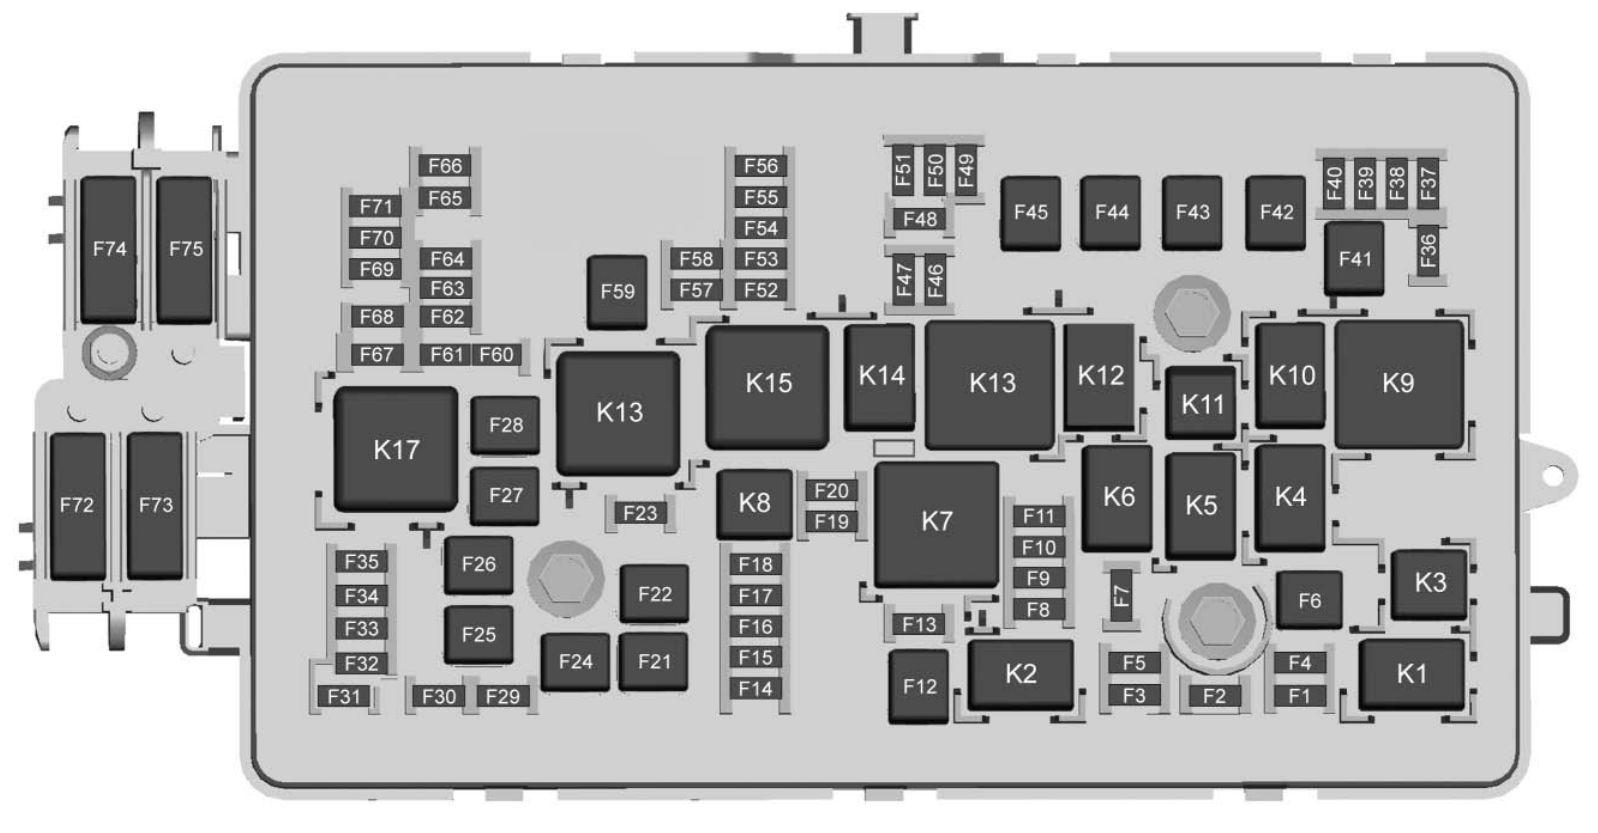 2009 Colorado Fuse Box - Wiring Diagram on